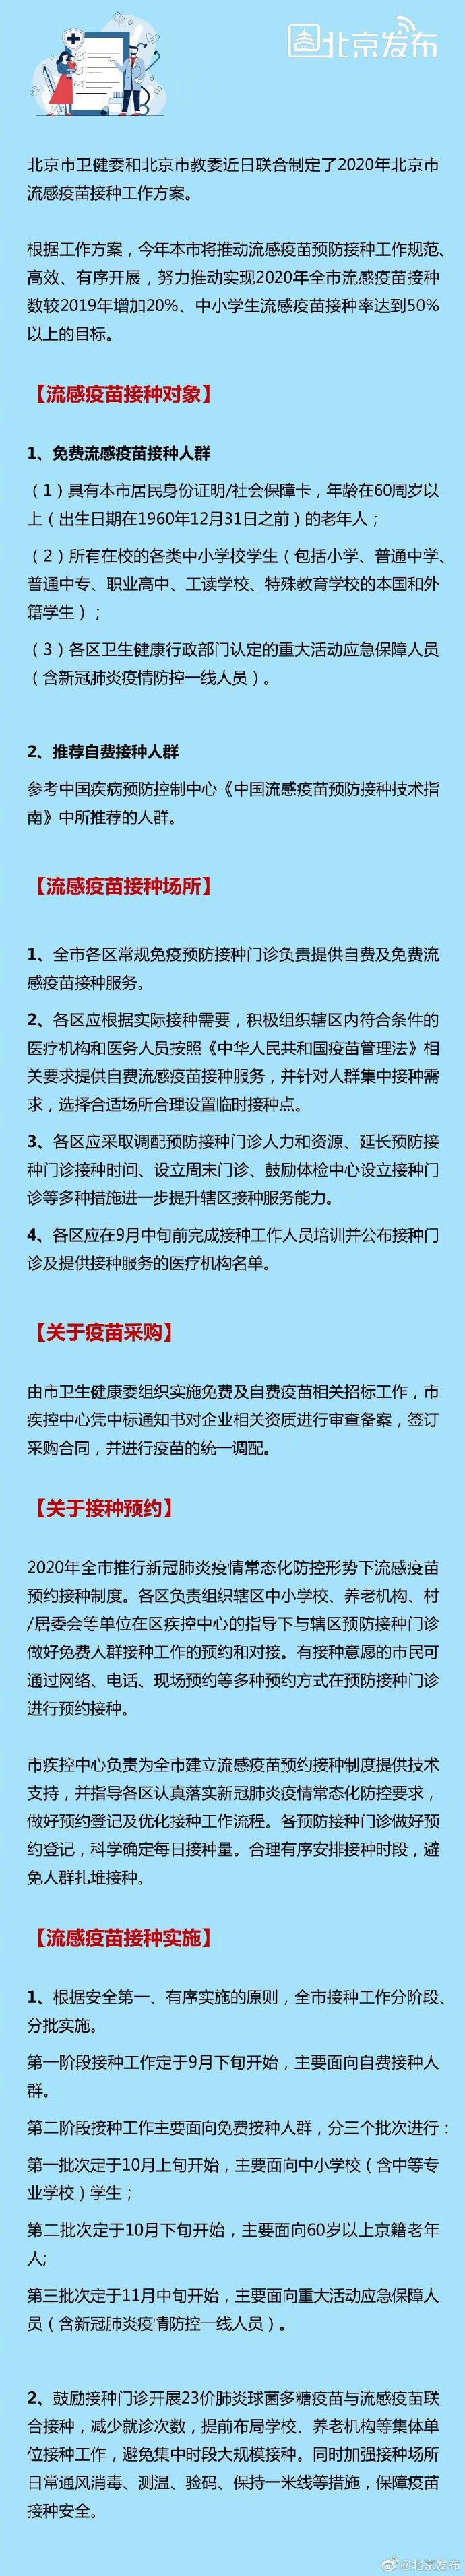 北京公布流感疫苗接种方案:本地户籍老人中小学生免费